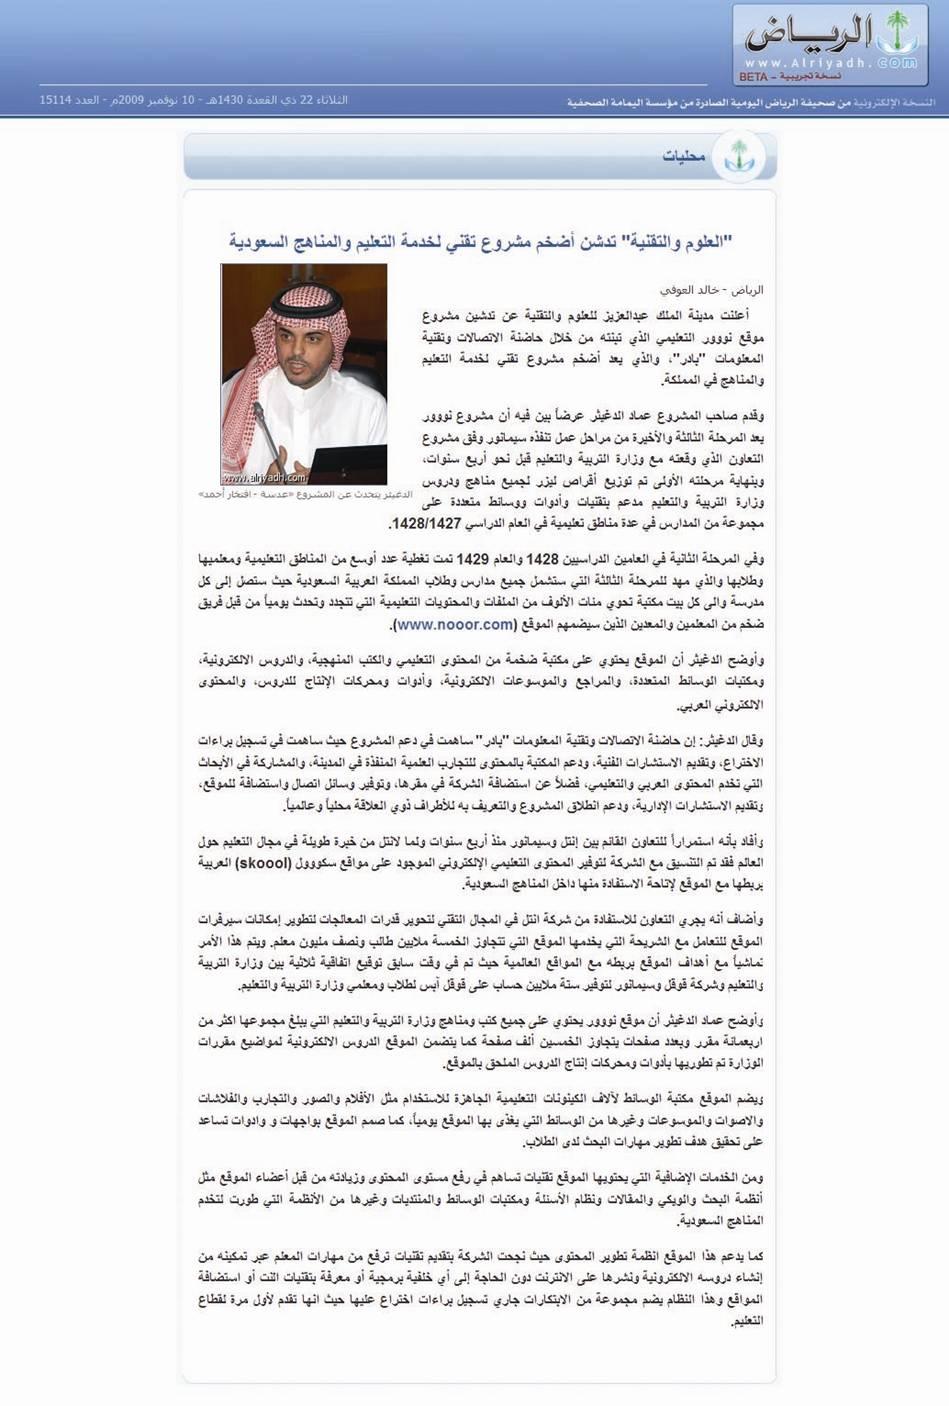 سيمانور - الدروس والمناهج الإلكترونية السعودية A